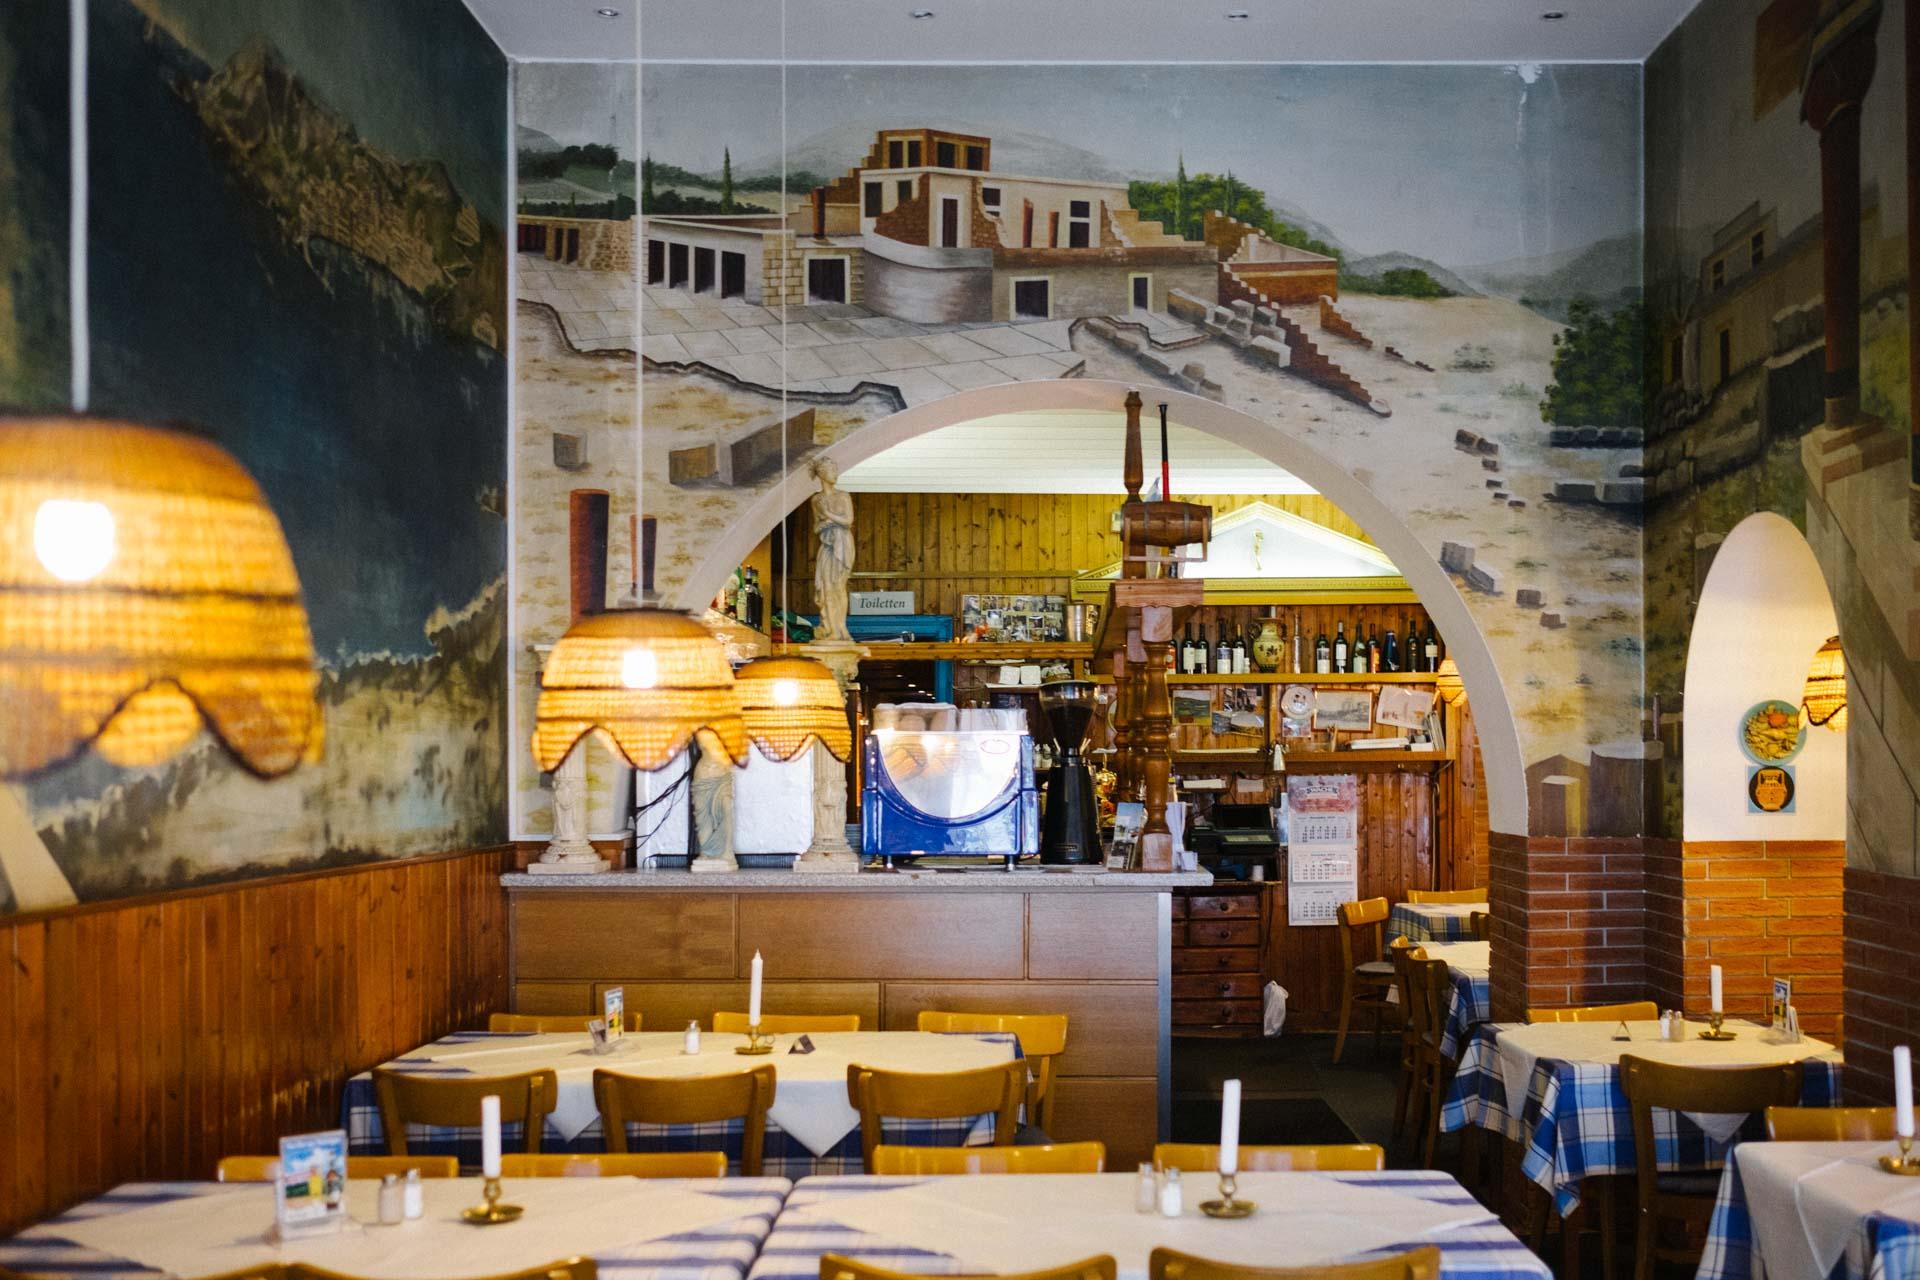 Restaurant Nea Knosso